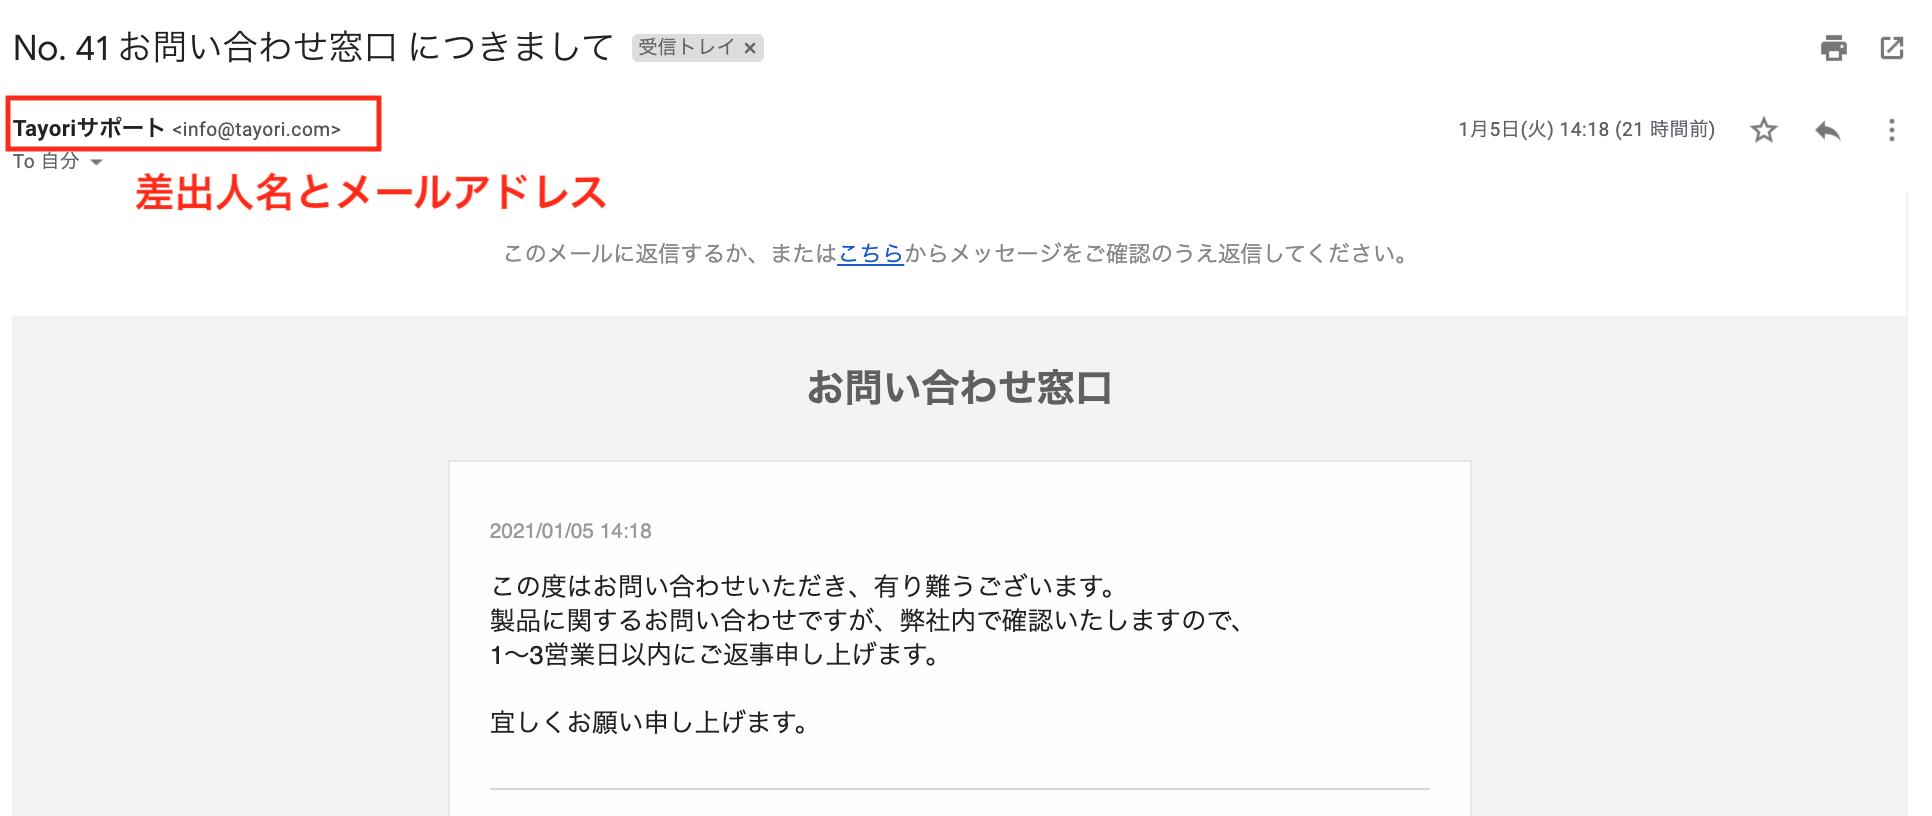 スクリーンショット 2021-01-06 11.37.51.png